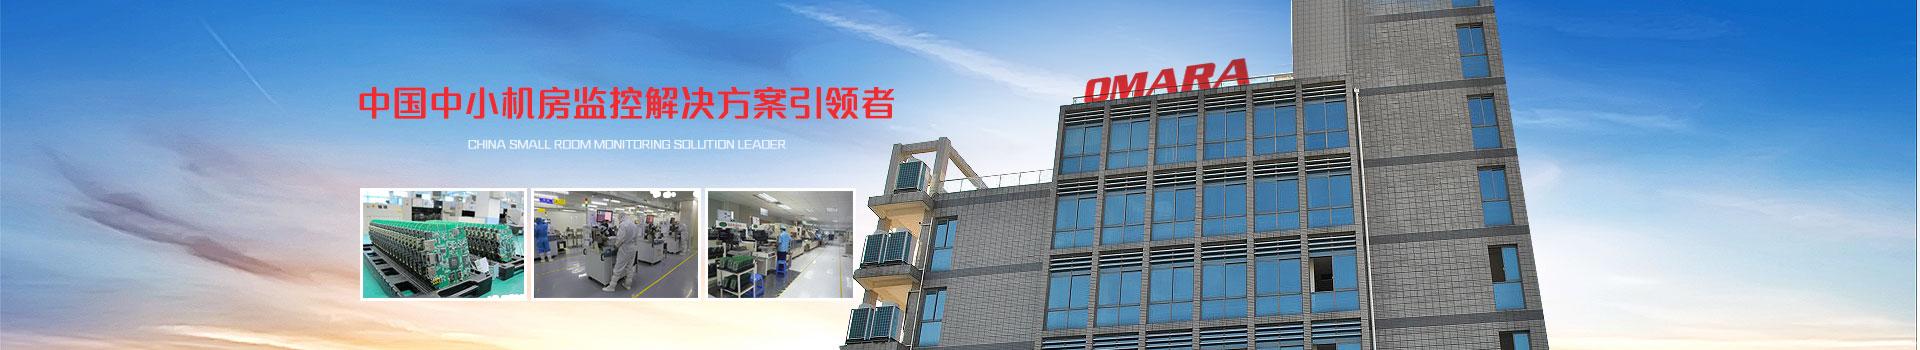 中国中小机房监控解决方案引领者